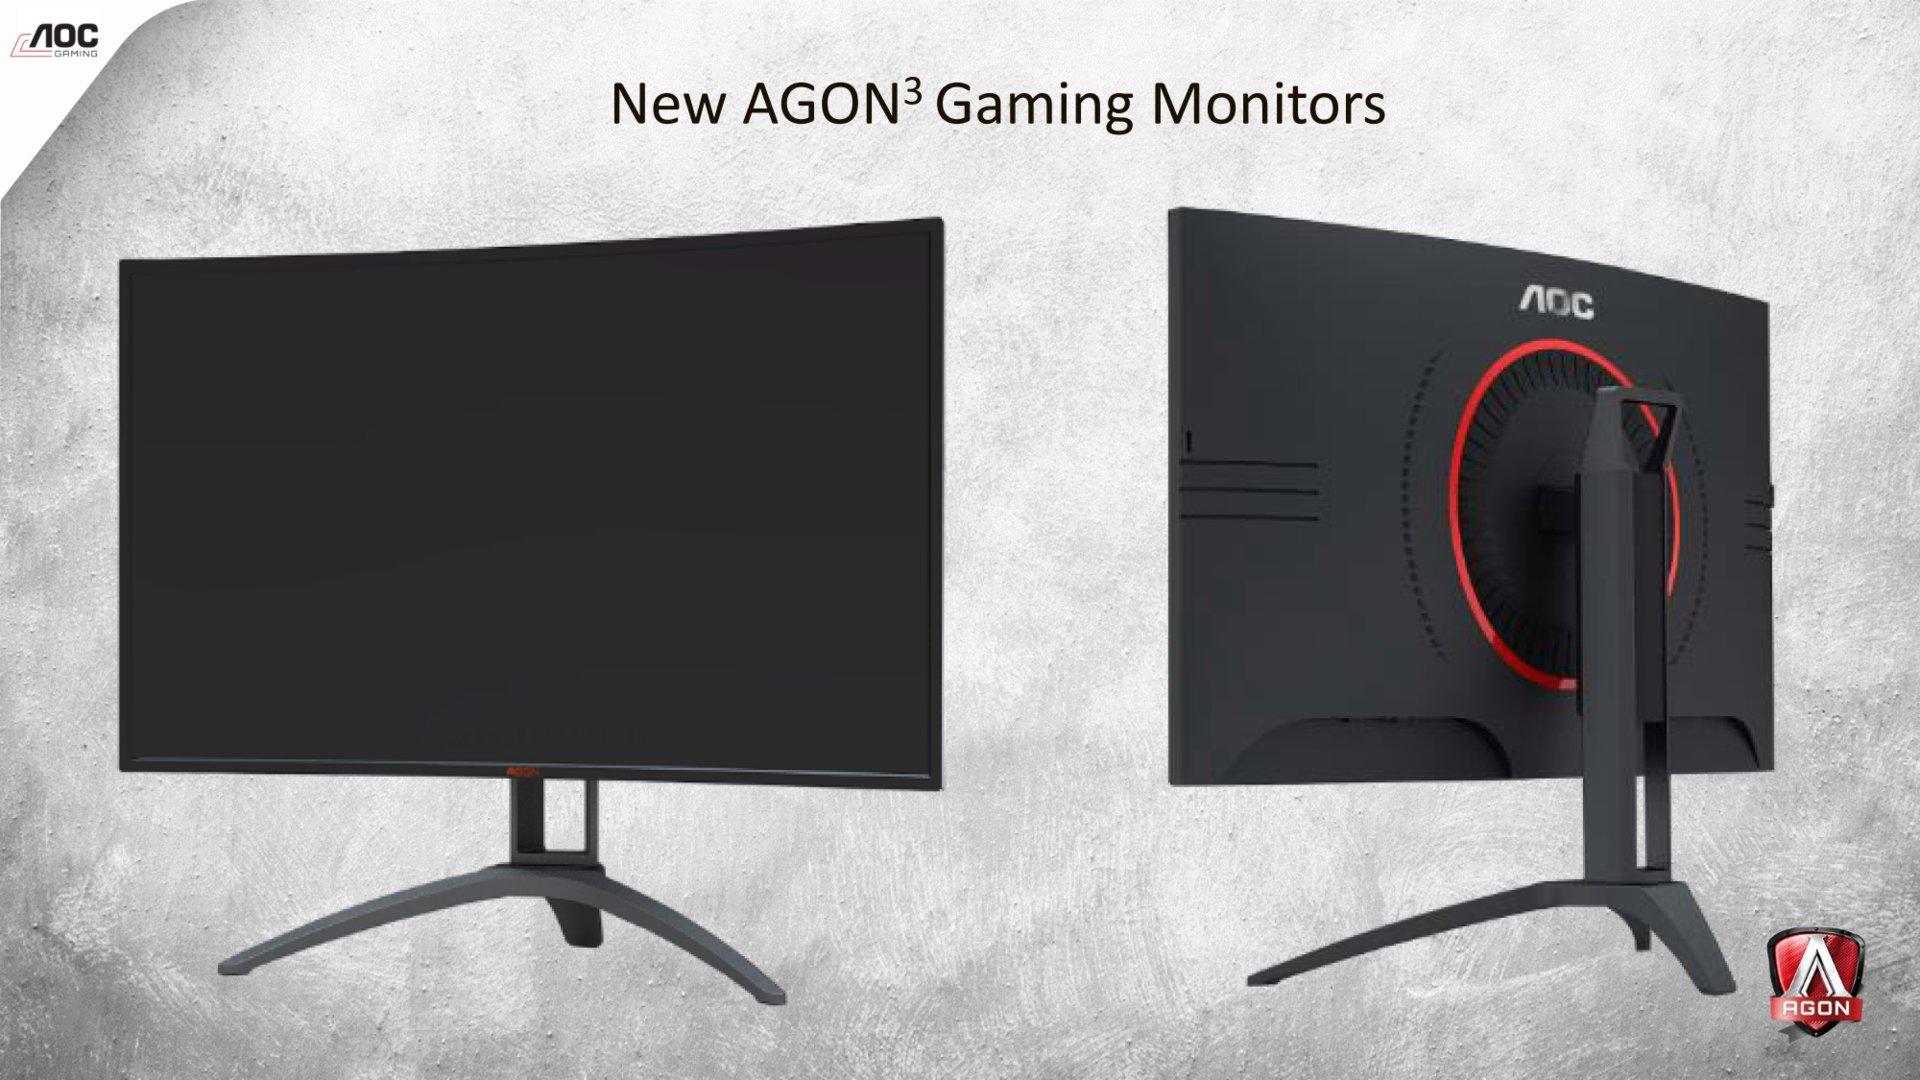 Das Design der neuen Serie Agon 3